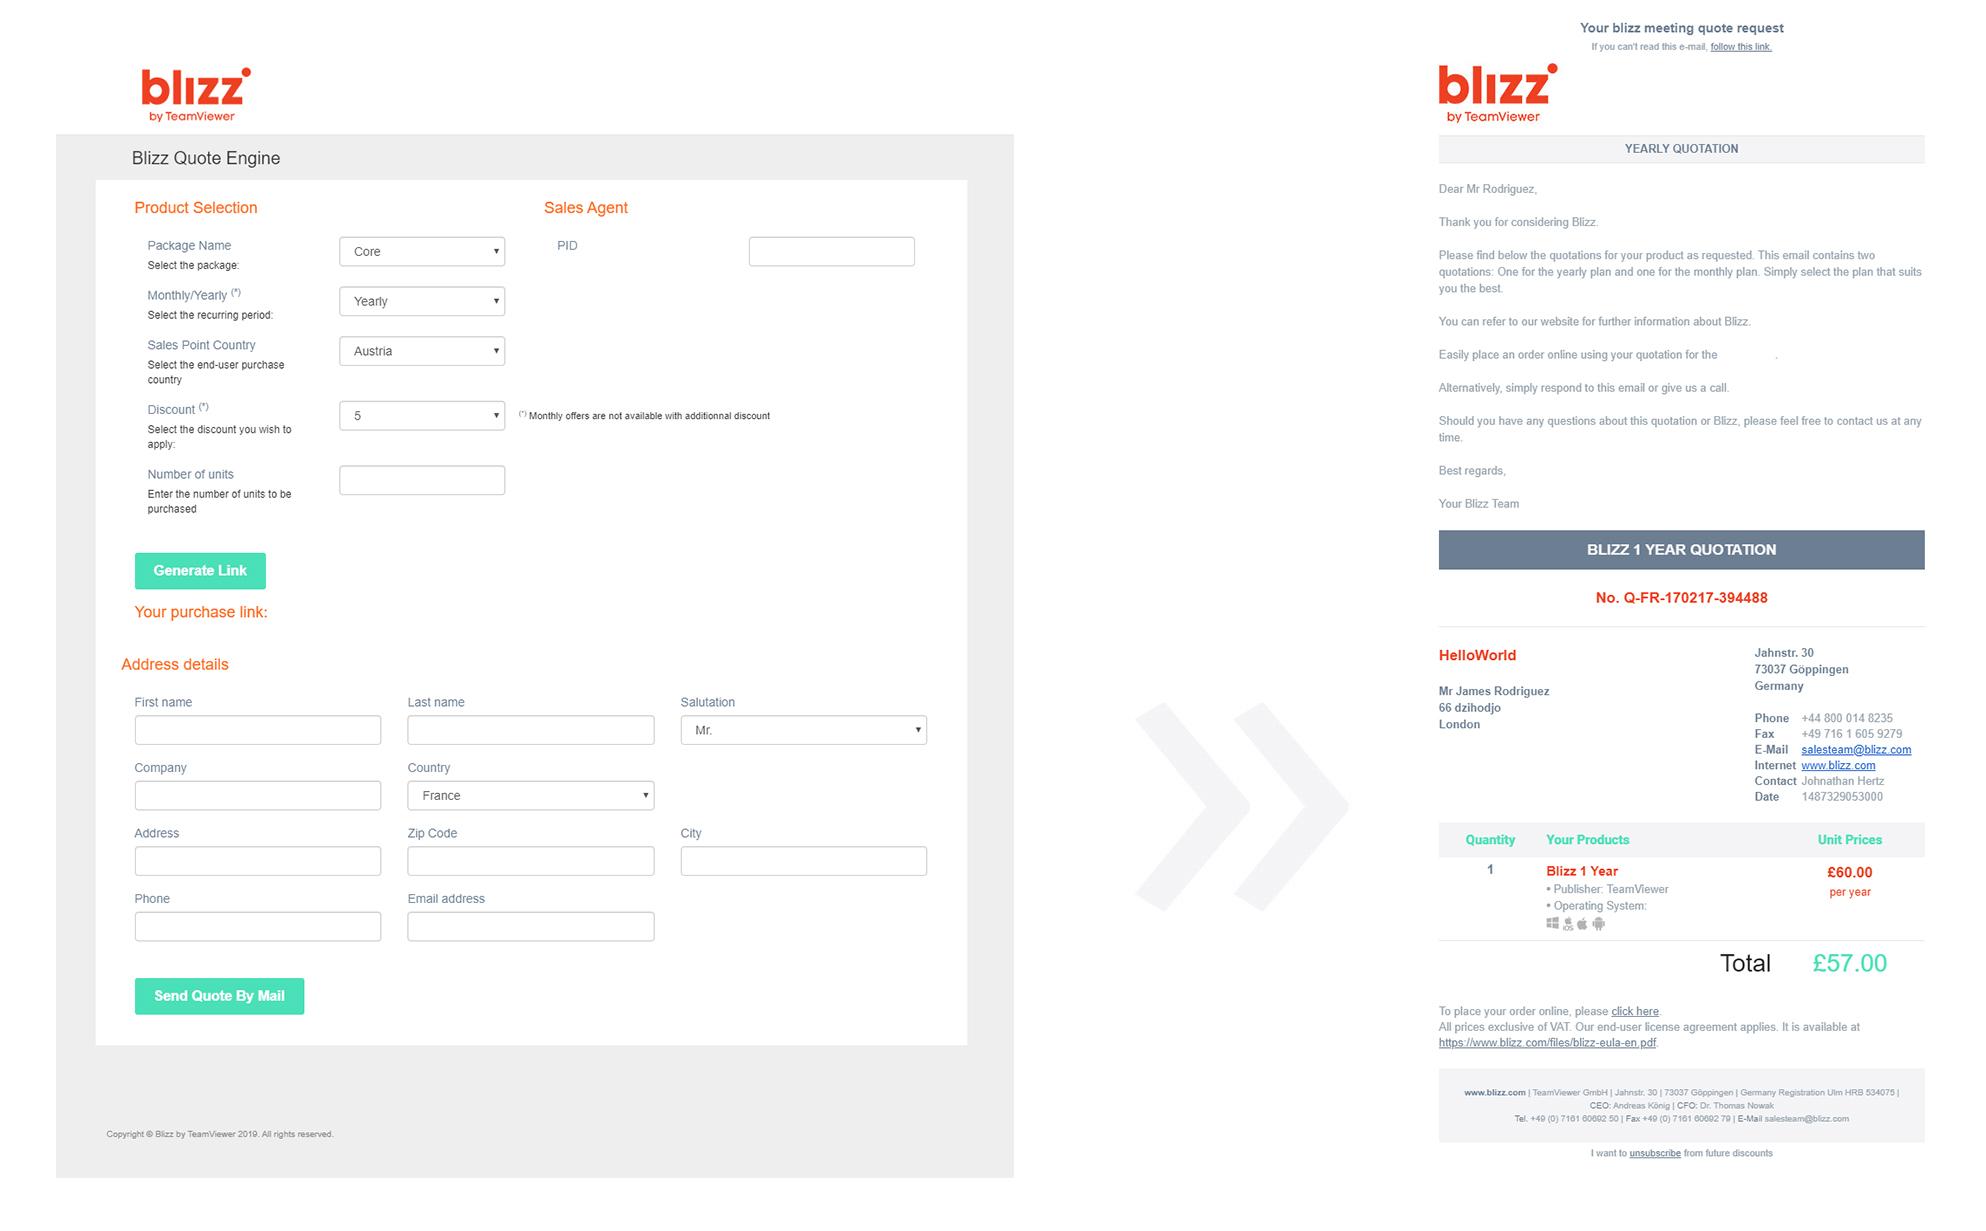 Use case - Blizz